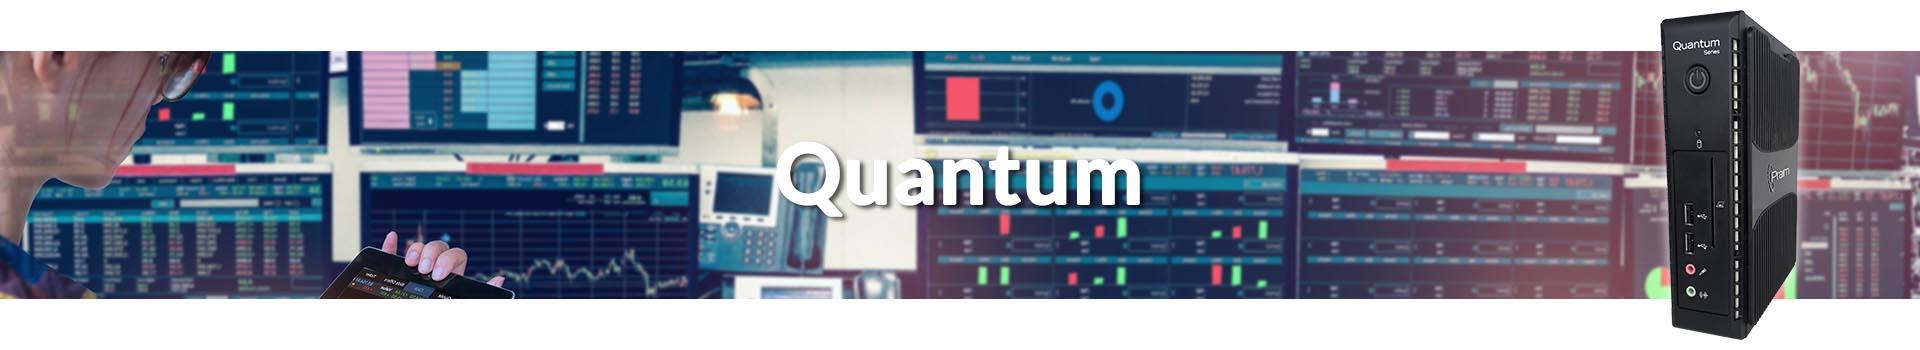 quantum_new